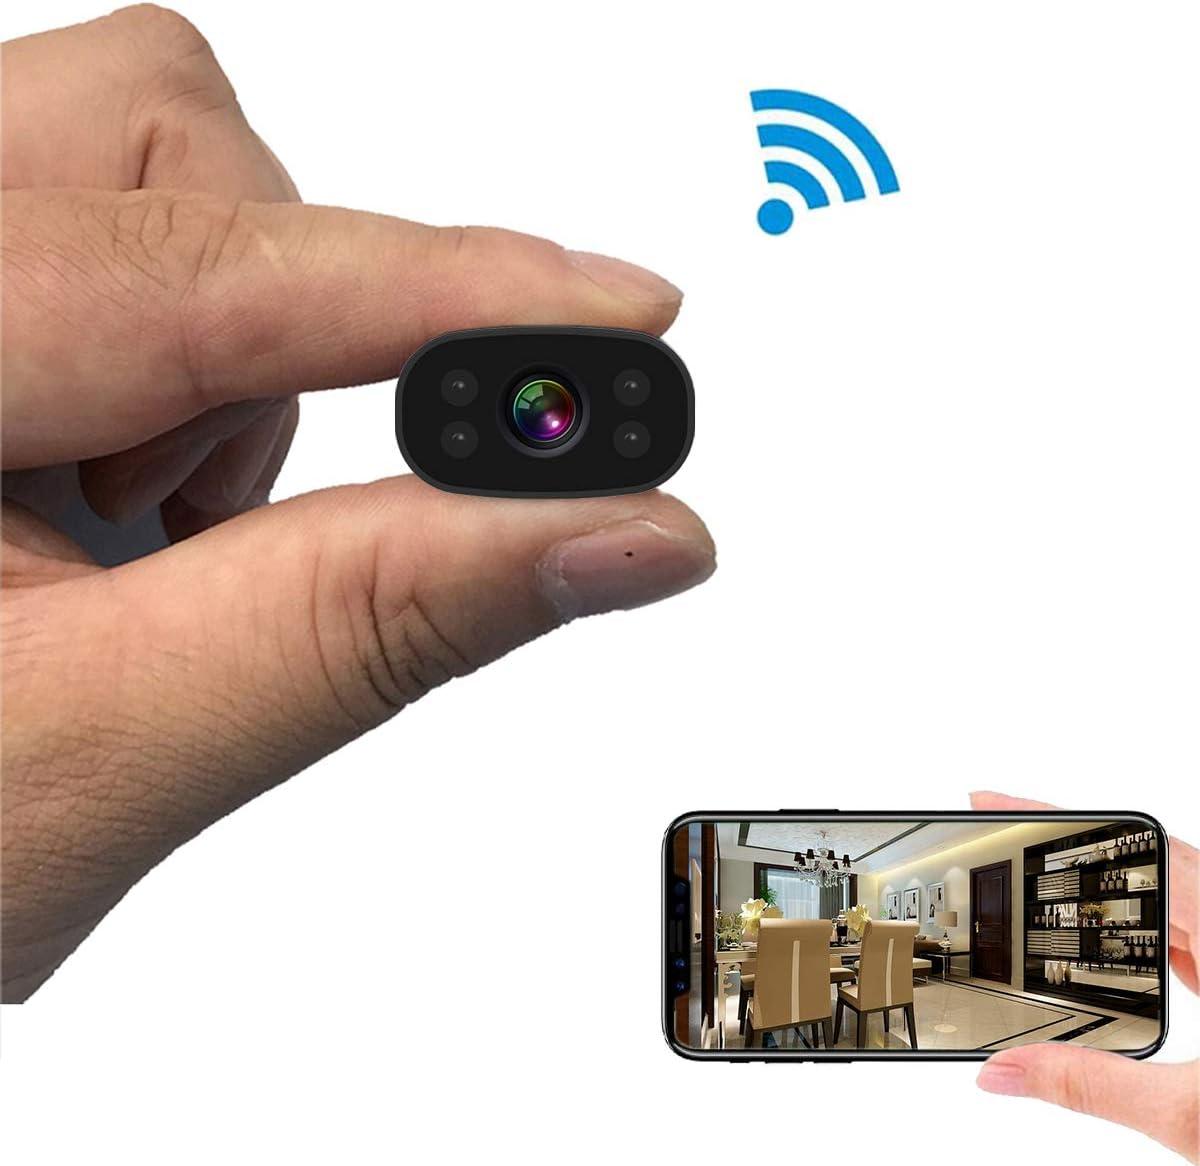 Amazon Com Pnzeo Mini Cámara Oculta 1080p Hd Cámara De Video Grabadora De Vídeo Ip Pequeña 150 ángulo De Visión Amplio Inalámbrica Wifi Cámara Espía De Seguridad Cámara De Visión Remota Detección De